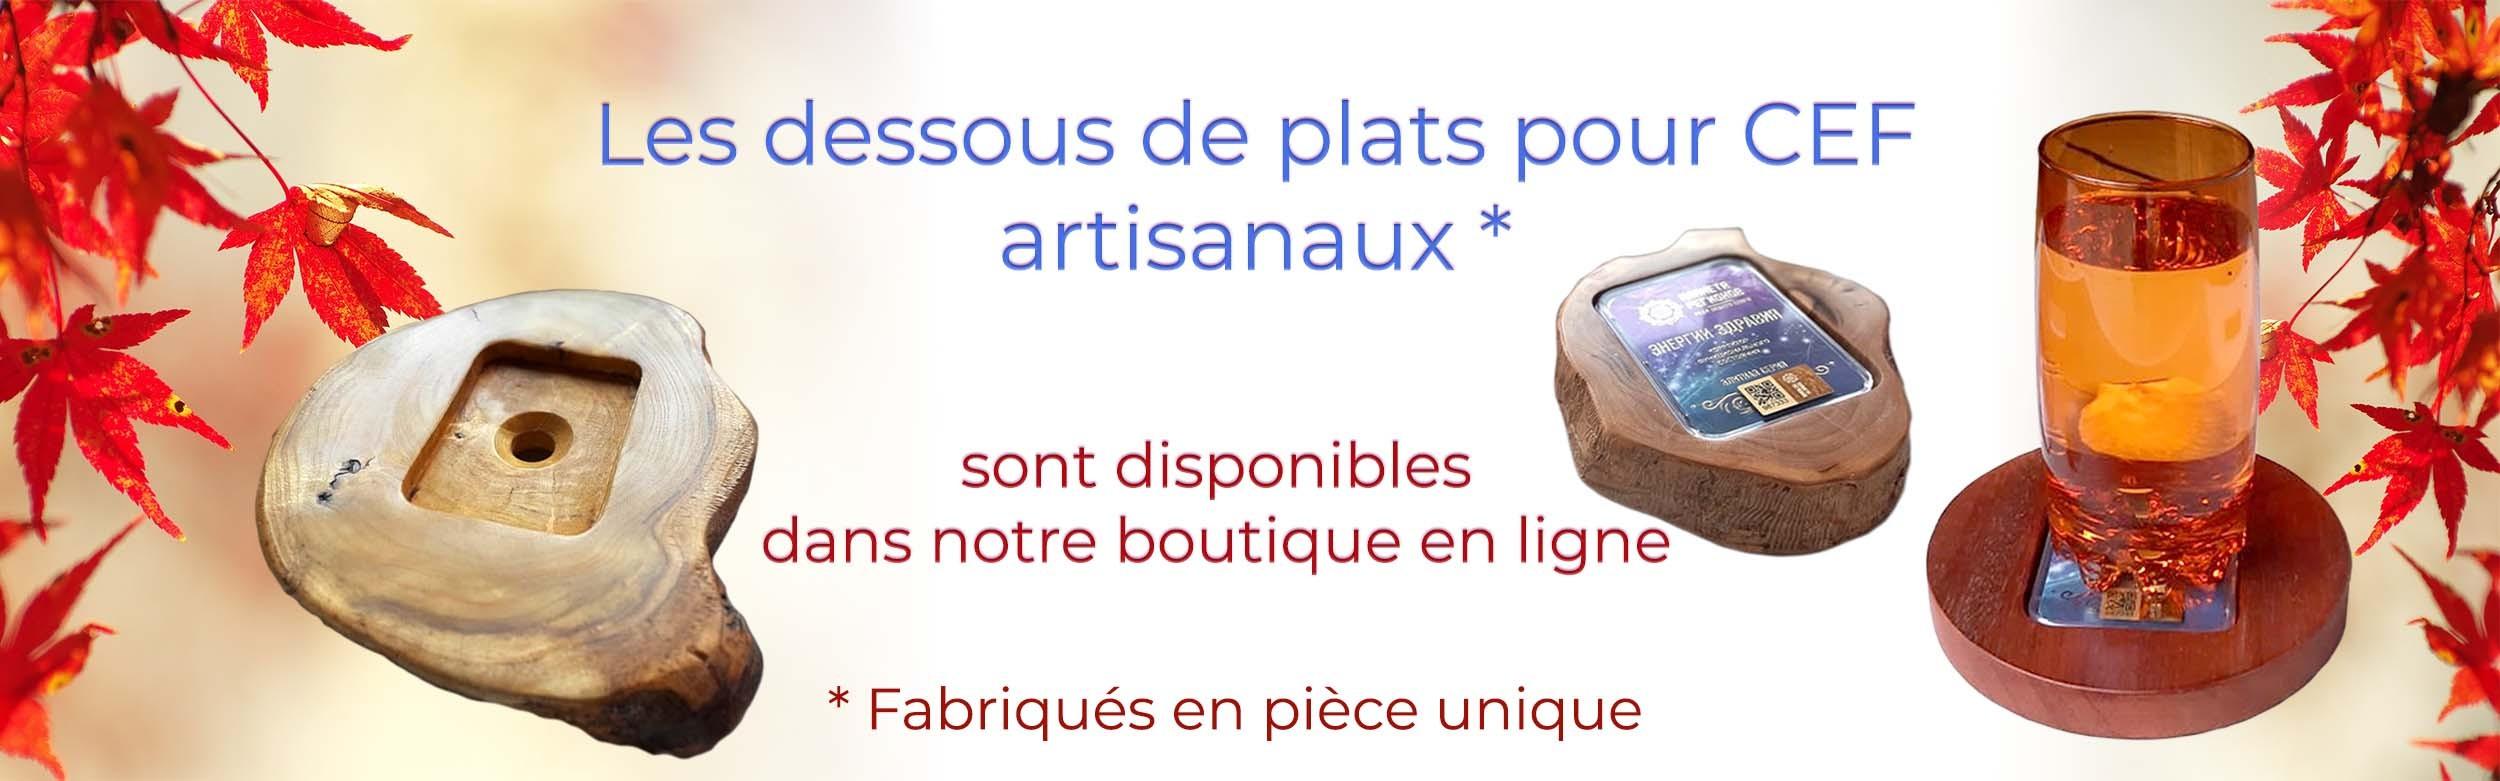 Dessous plats pour CEF